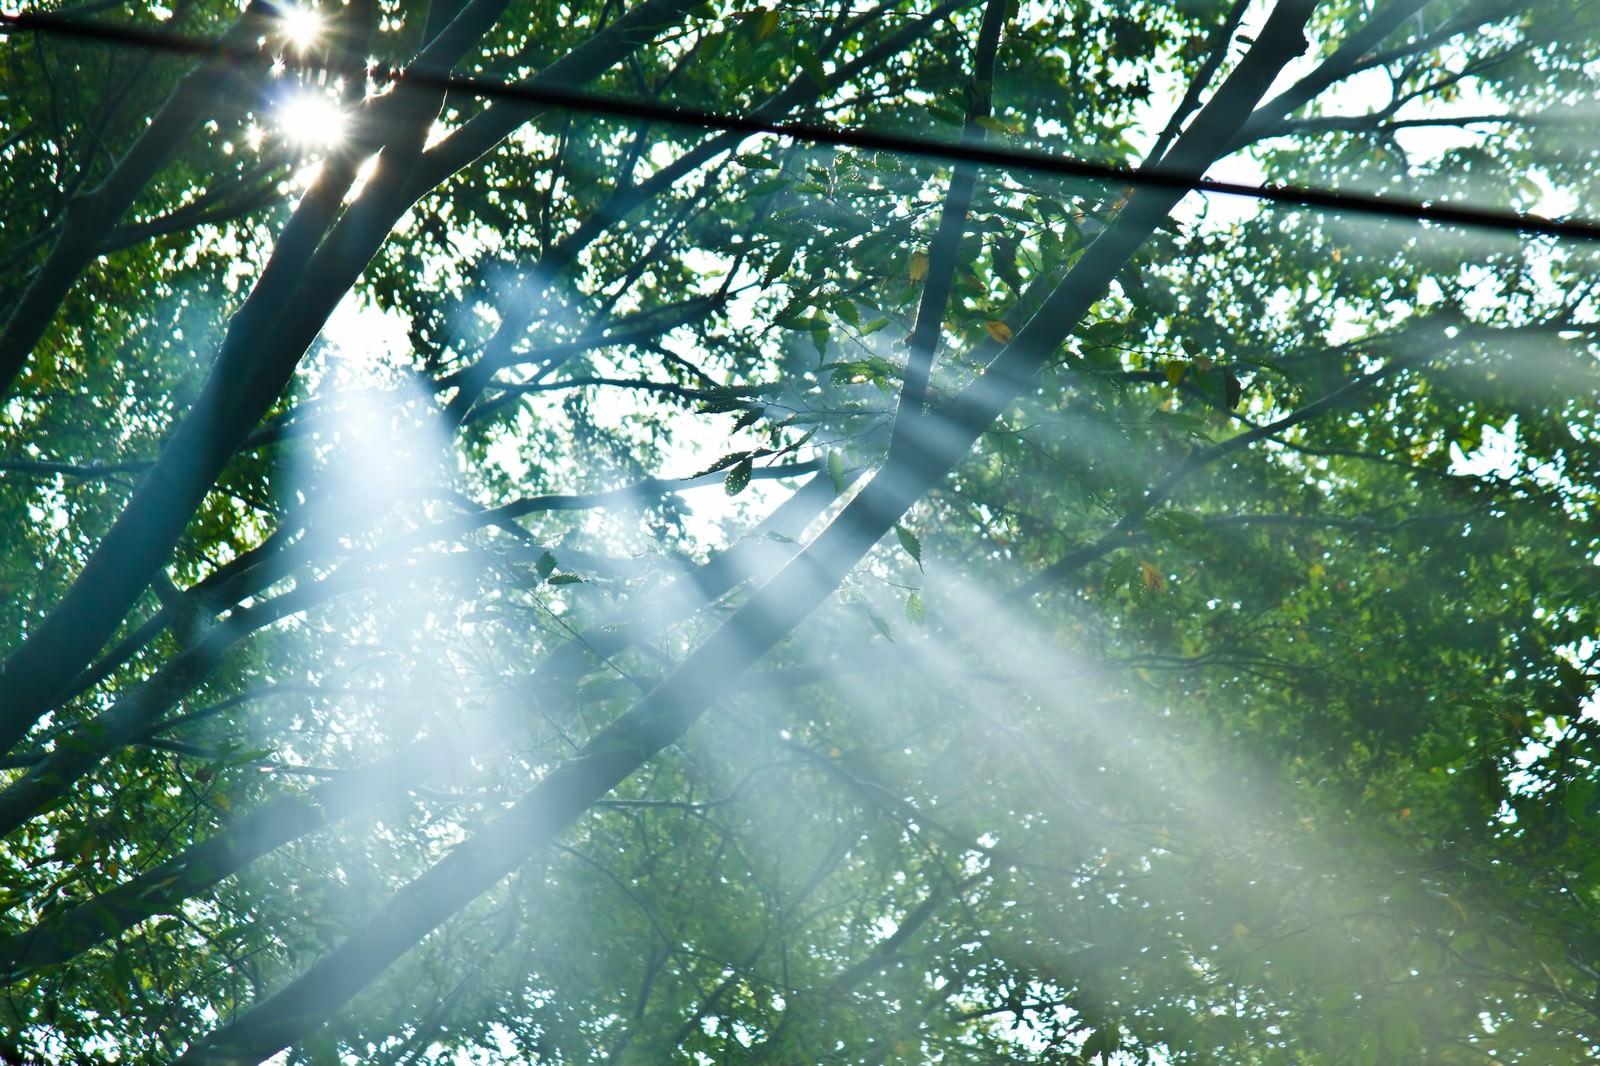 「木漏れ陽と光木漏れ陽と光」のフリー写真素材を拡大